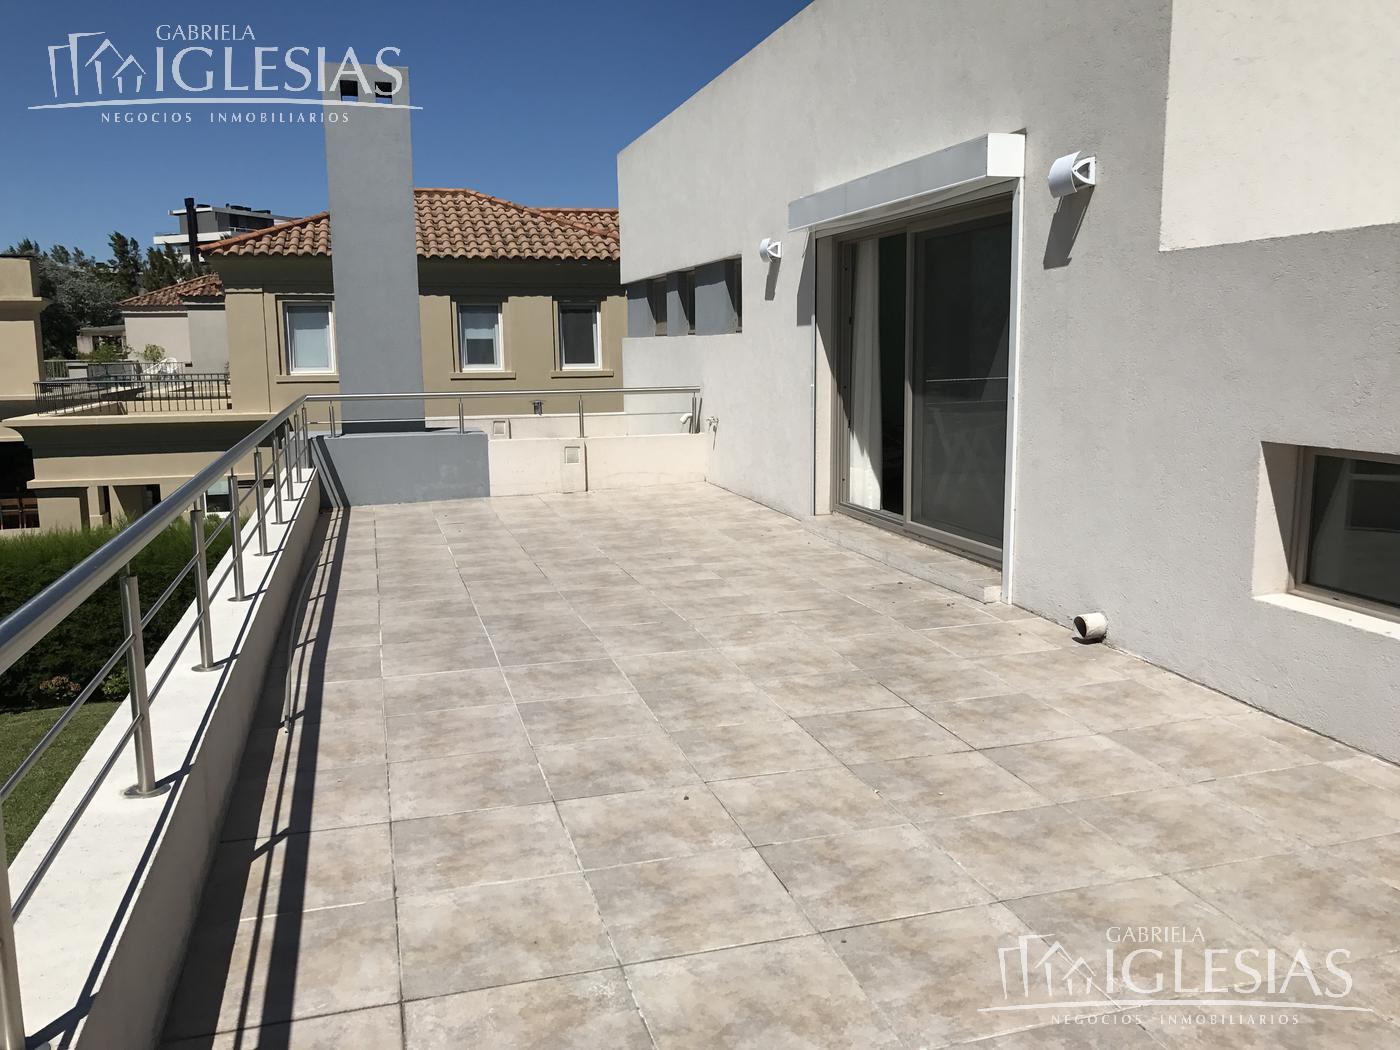 Casa en Venta en Las Caletas a Venta - u$s 650.000